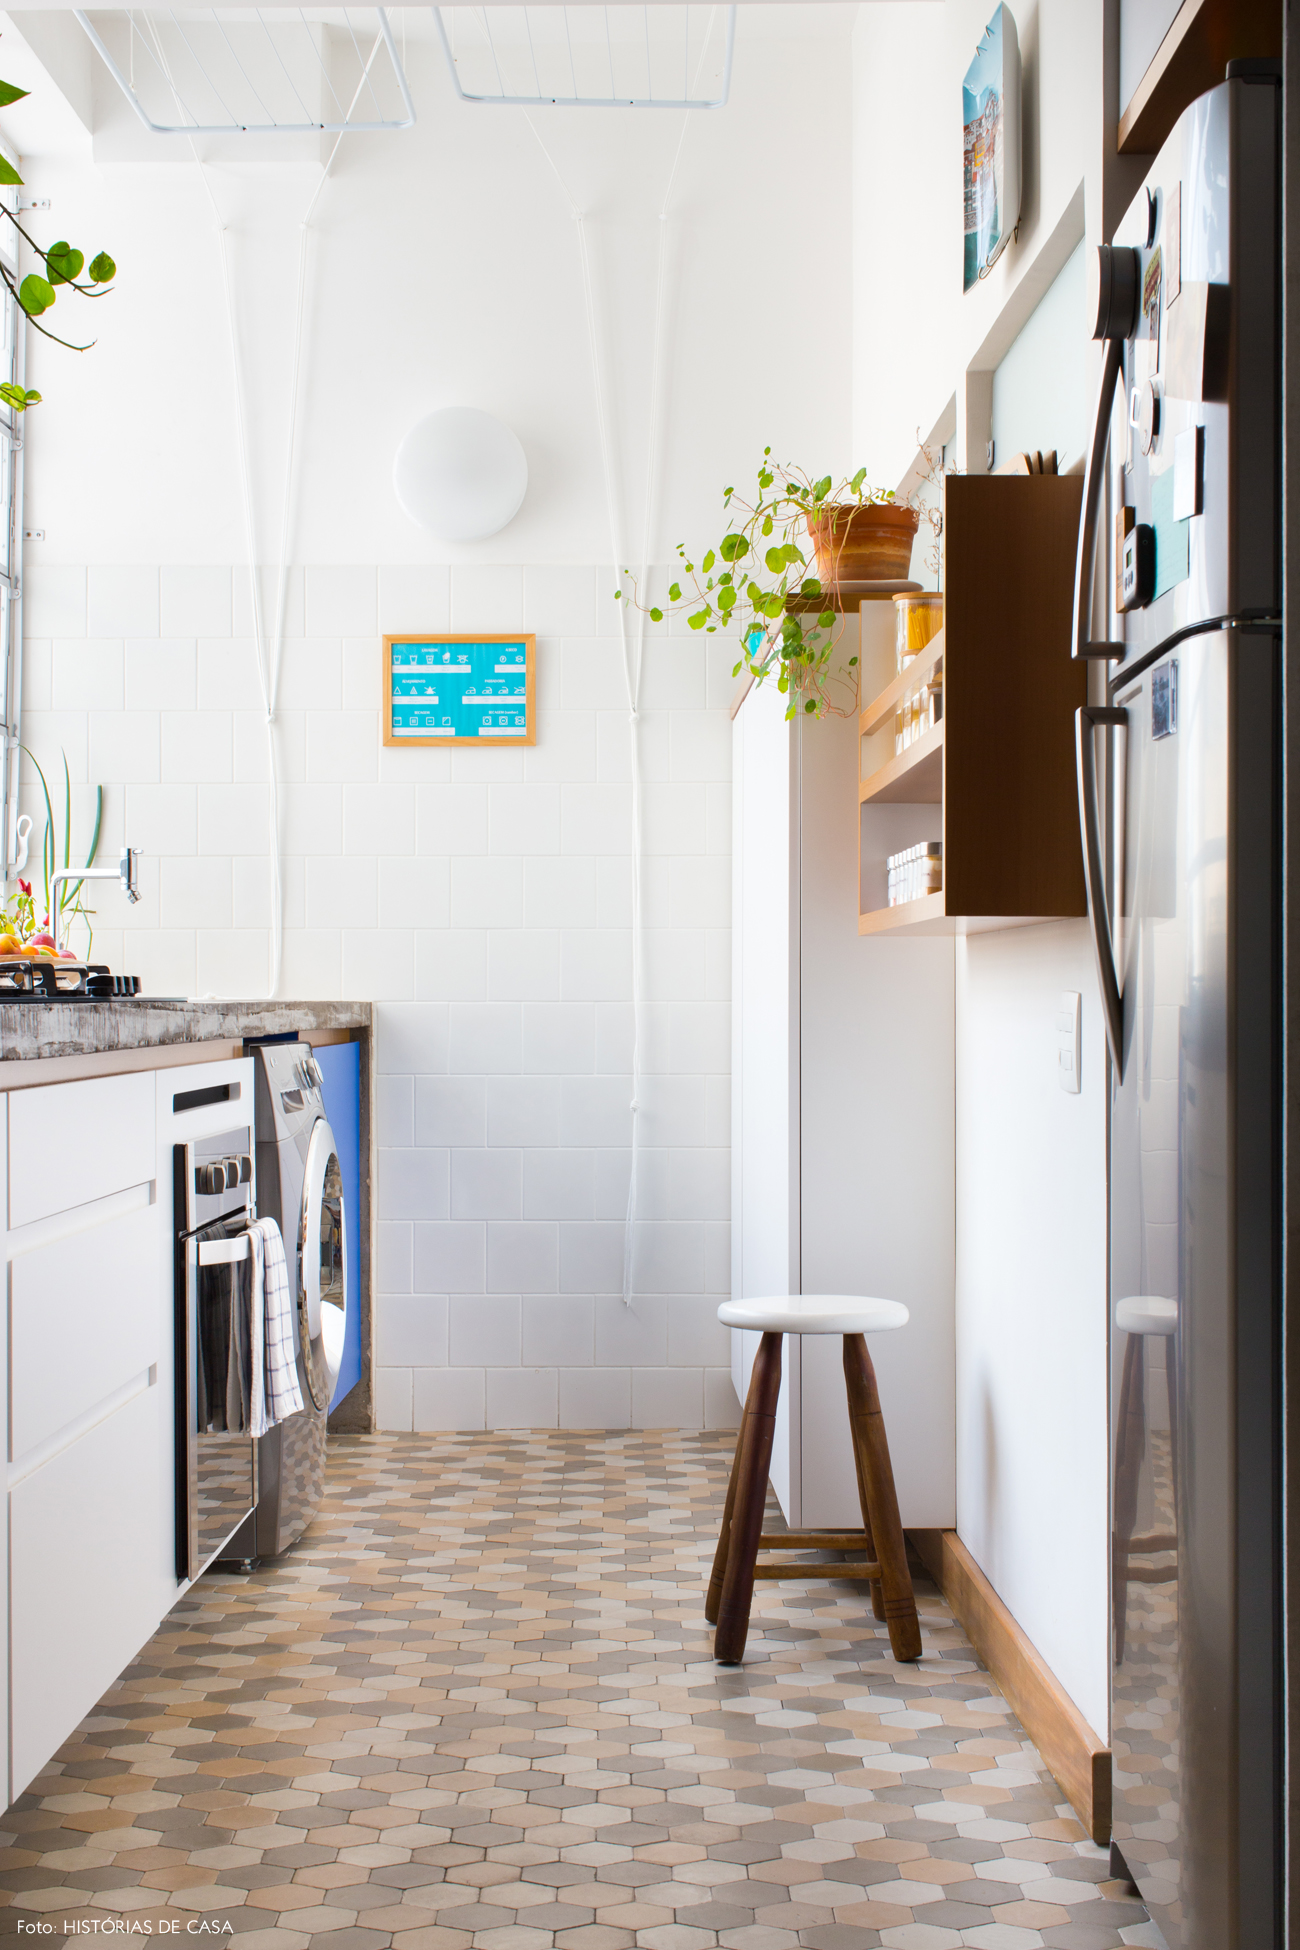 21-decoracao-apartamento-pequeno-cozinha-integrada-com-area-servico